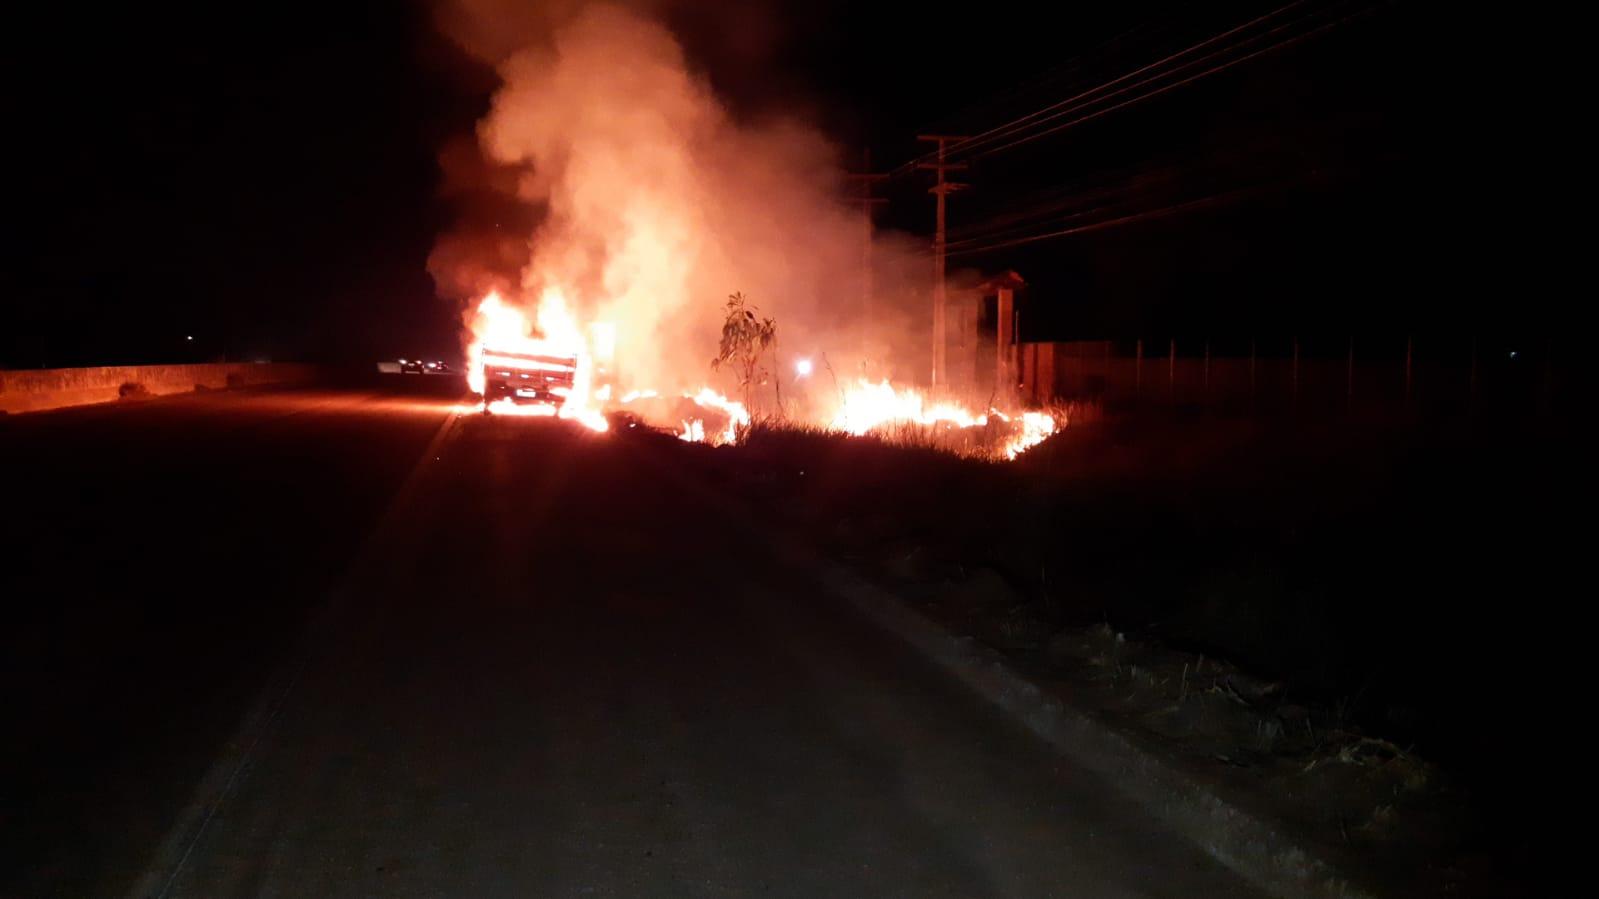 URGENTE – Caminhão está sendo destruído por incêndio em Porto Velho